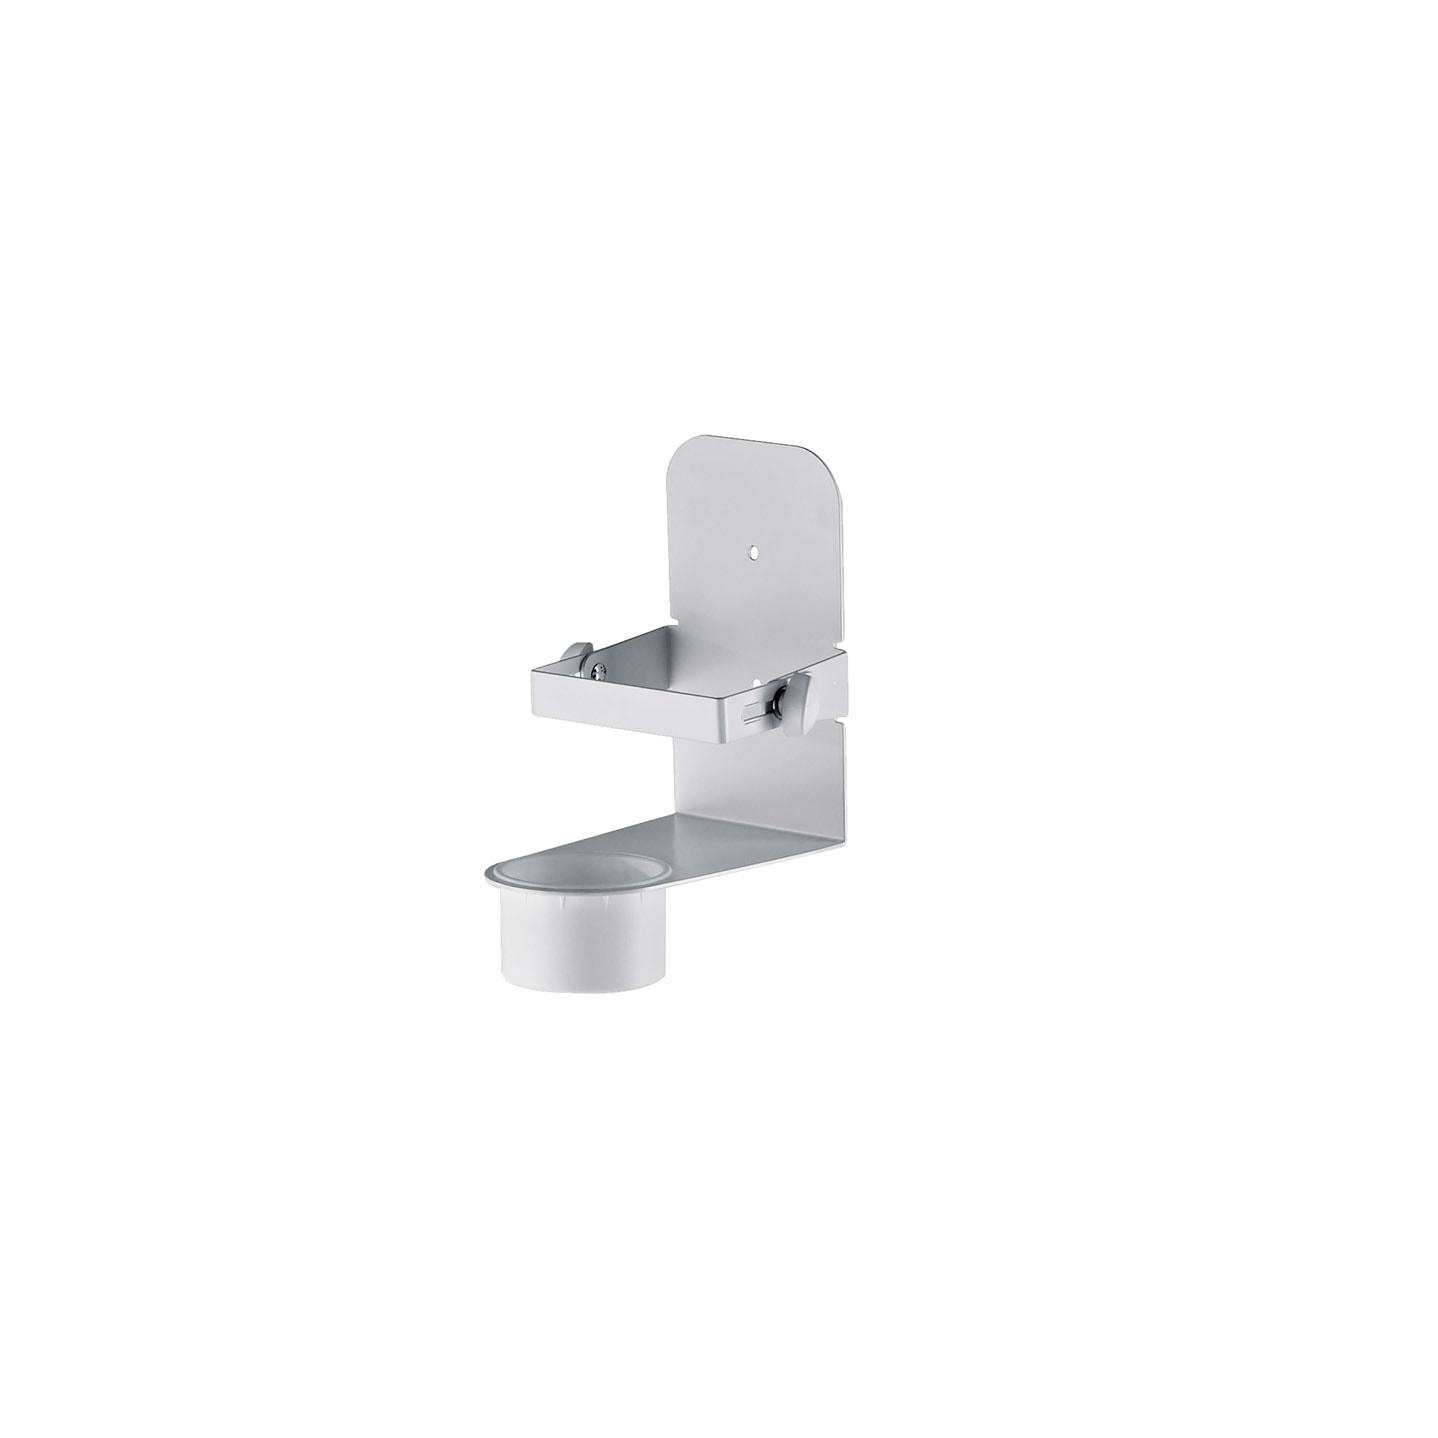 KM80330 - Disinfectant holder